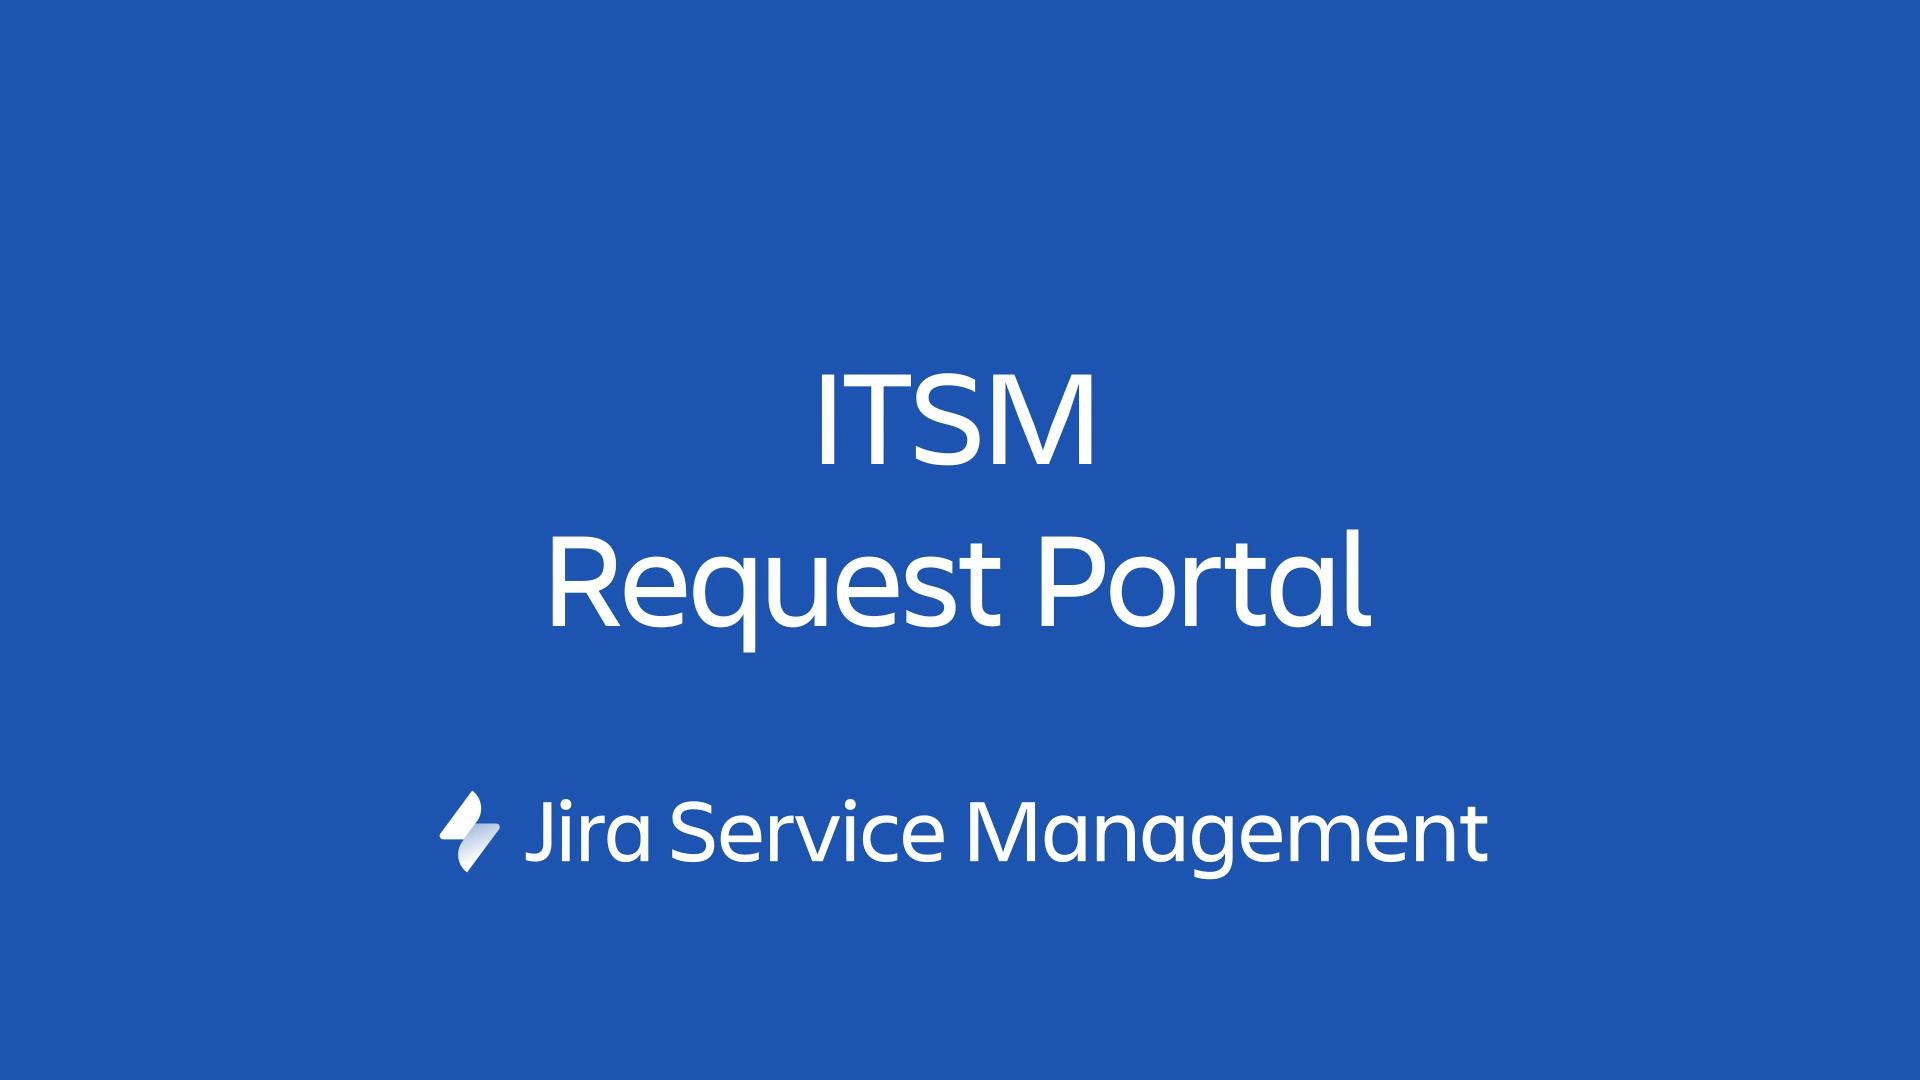 Portail de demandeITSM sur JiraServiceManagement